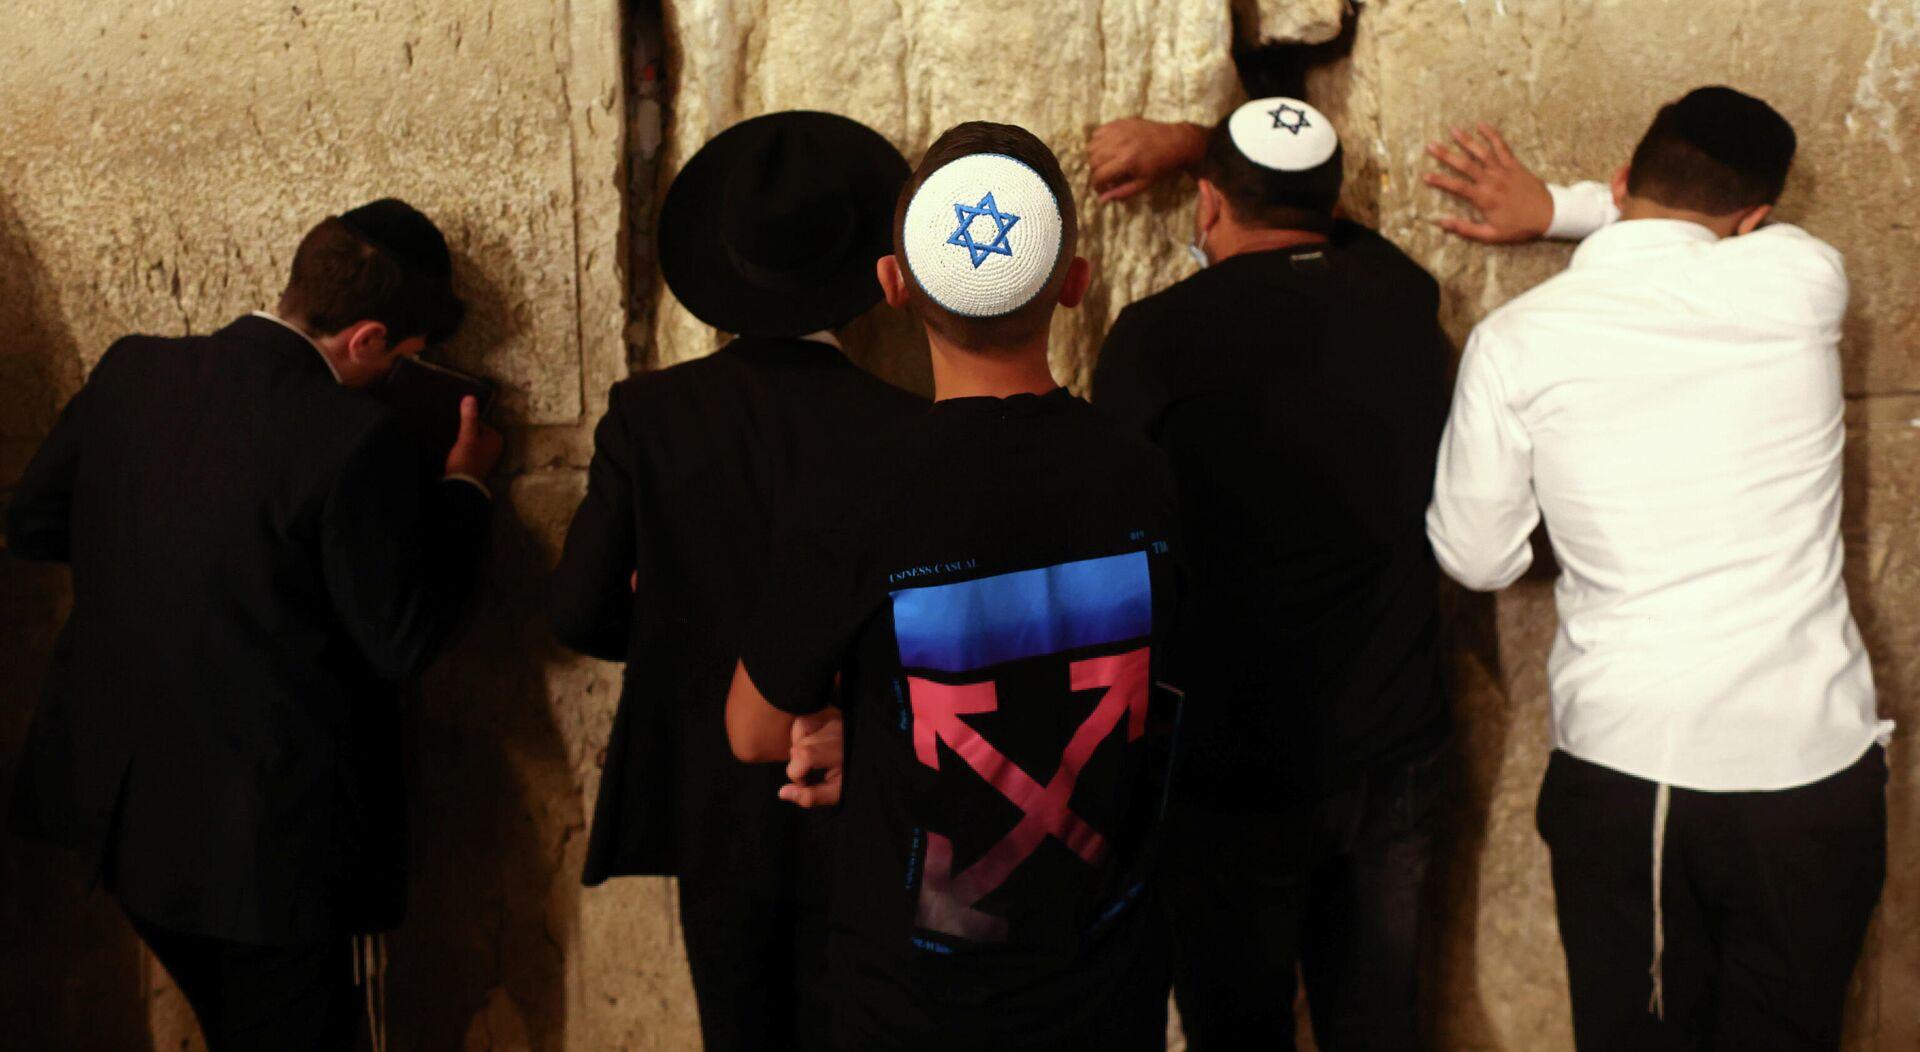 Израильтяне у Стены плача у Западной Стены в Иерусалиме - Sputnik Грузия, 1920, 19.09.2021